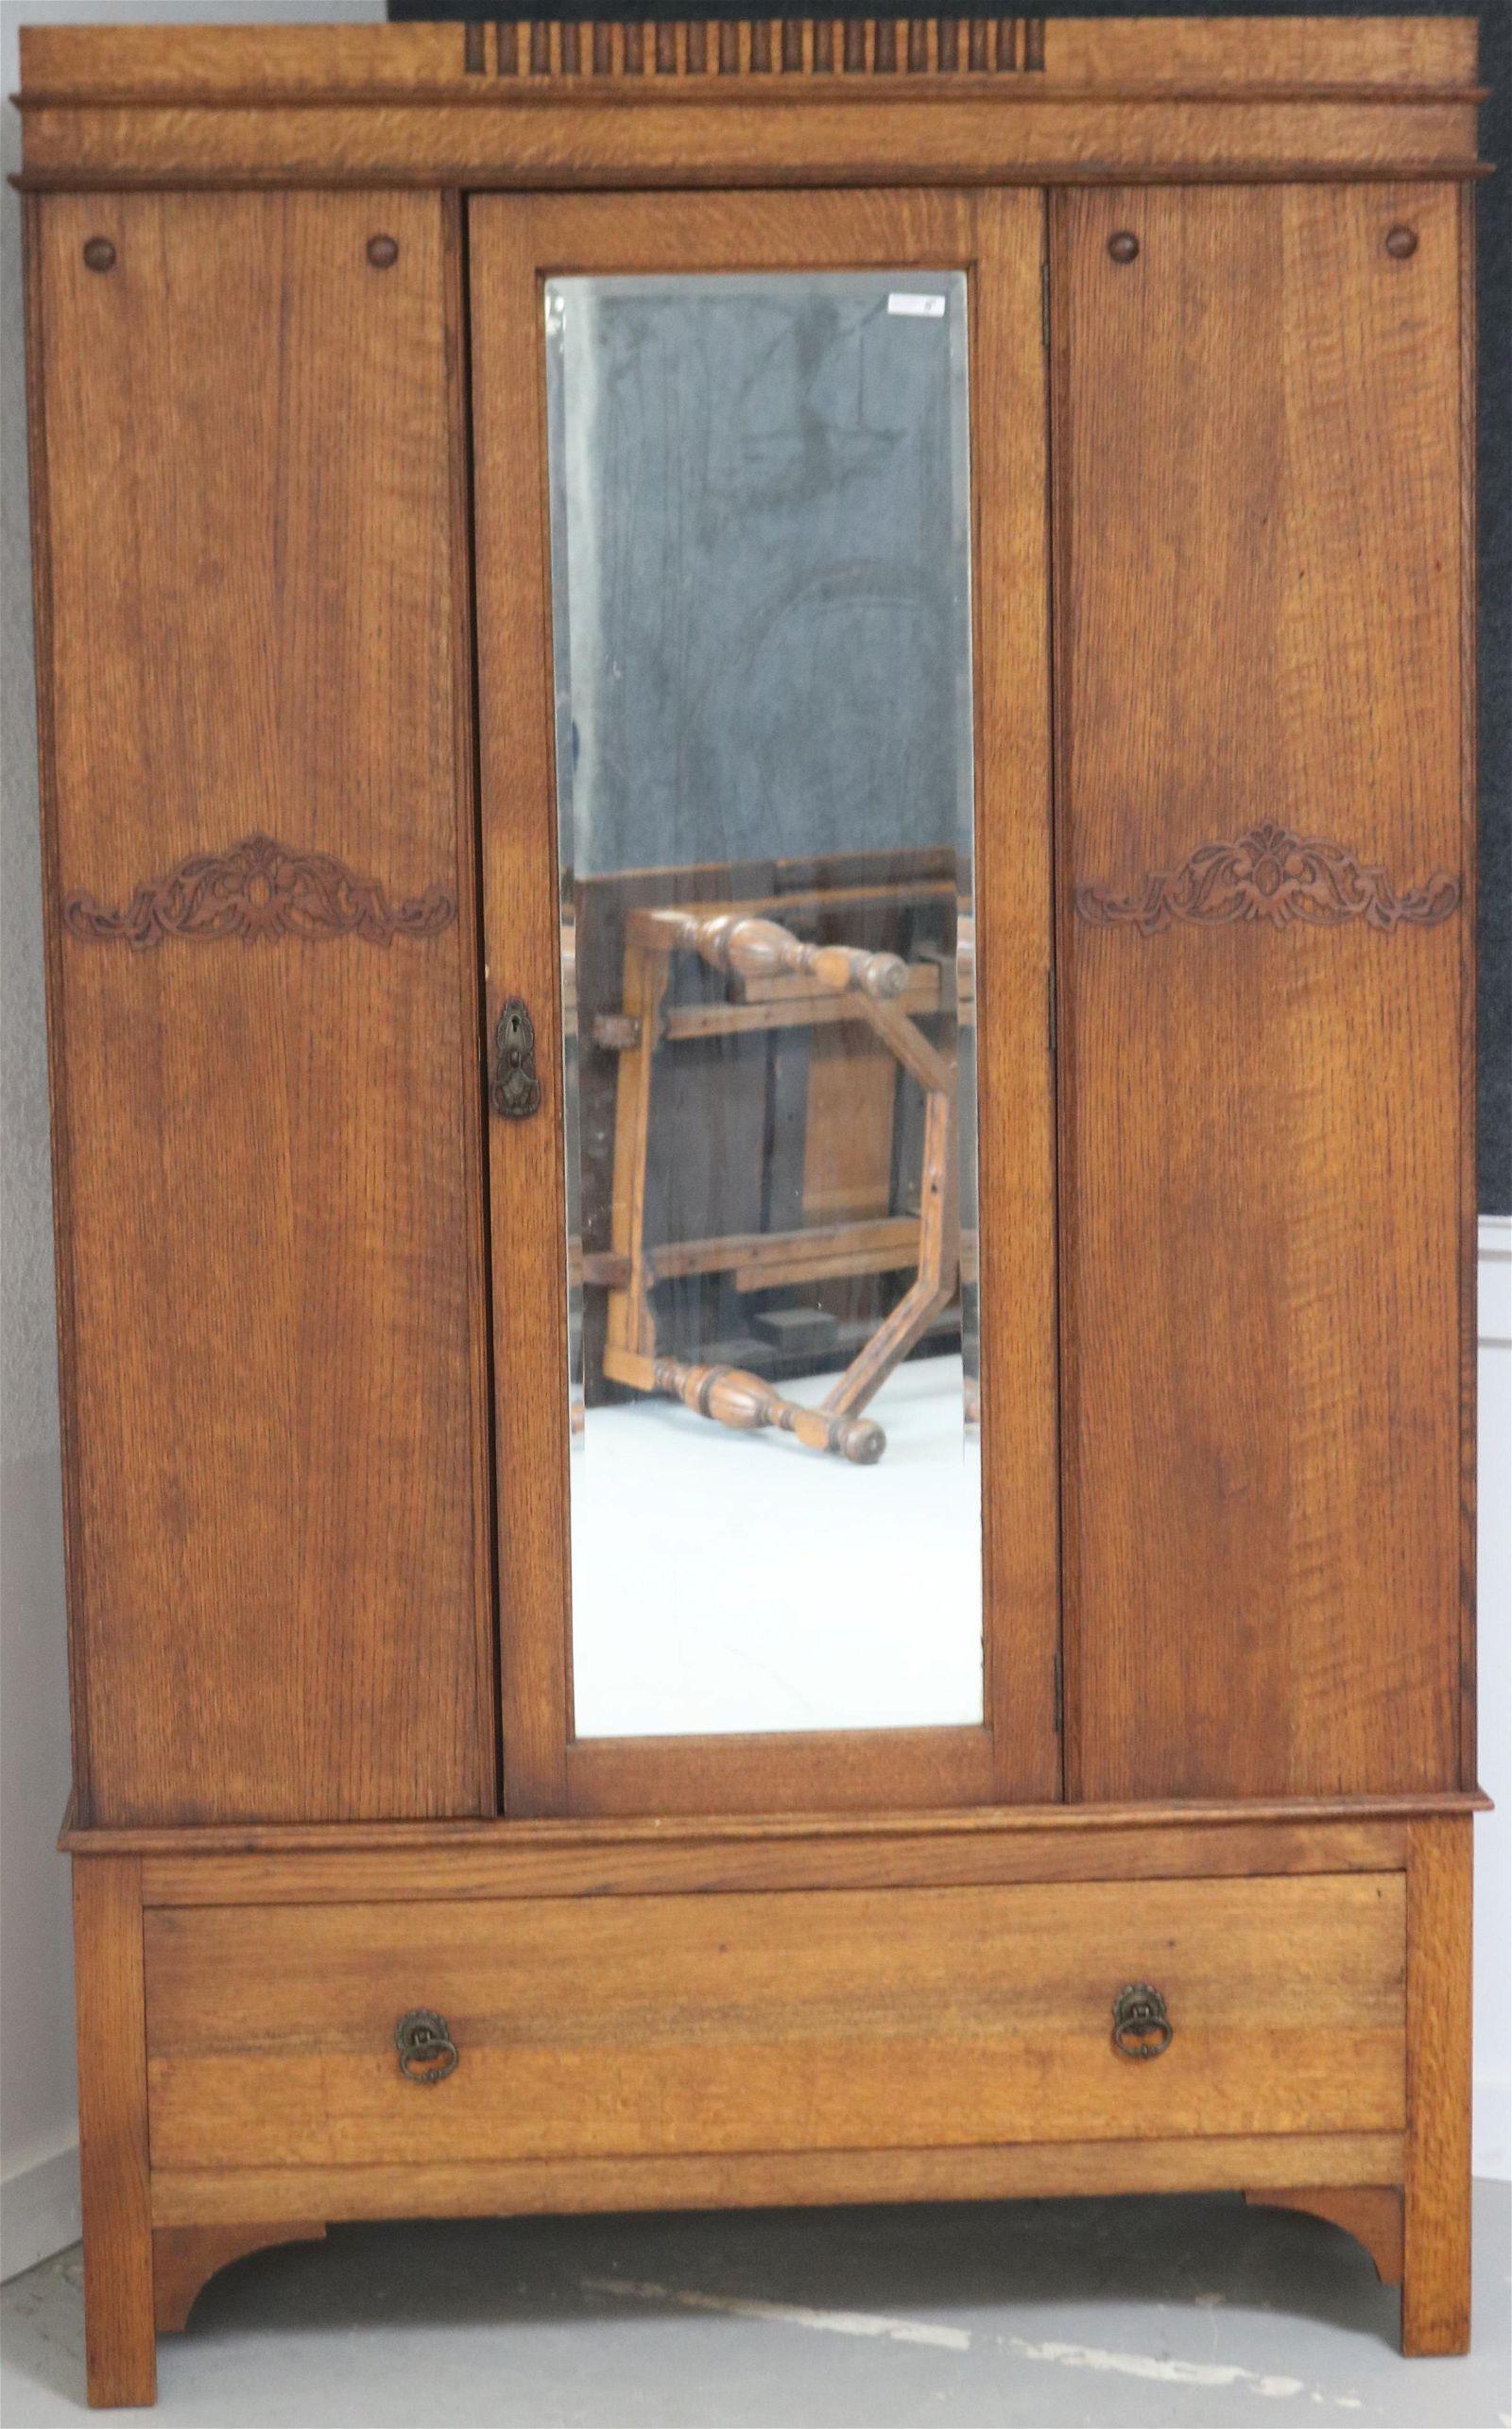 ENGLISH OAK 1 DOOR ARMOIRE BEVELED GLASS DOOR, 1